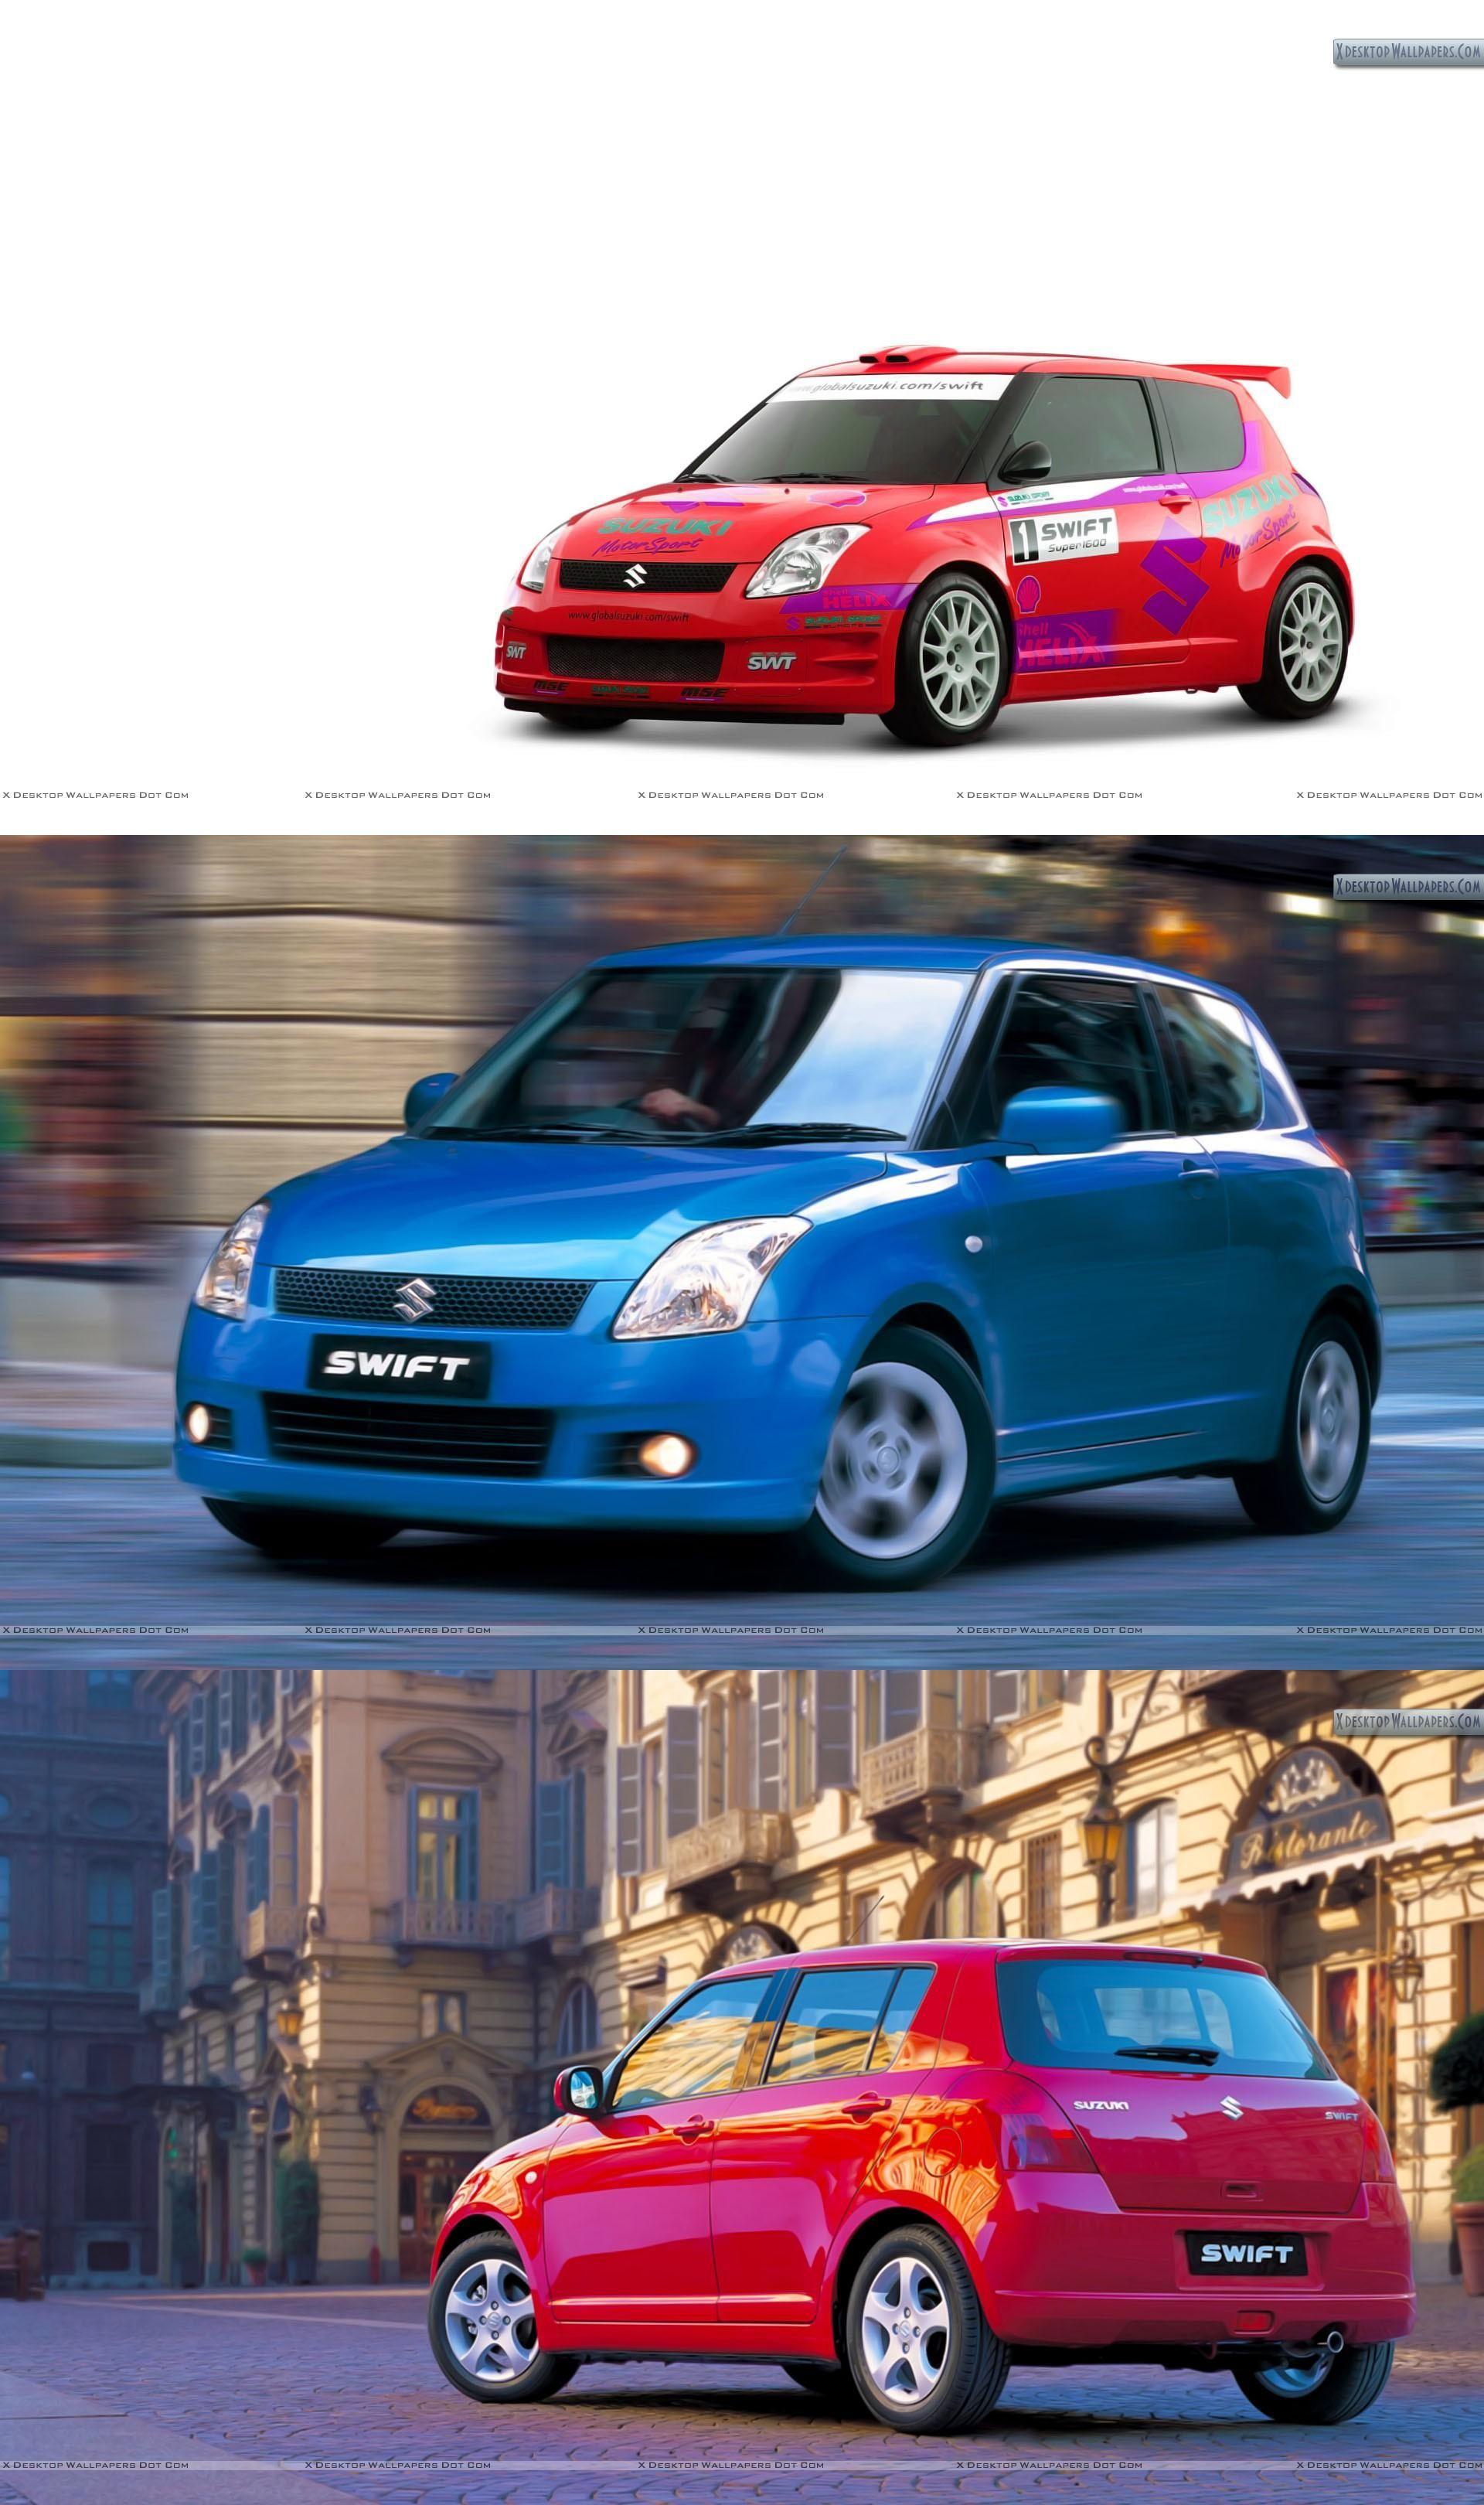 sport, swift, red, suzuki, parked, street, color, wheels